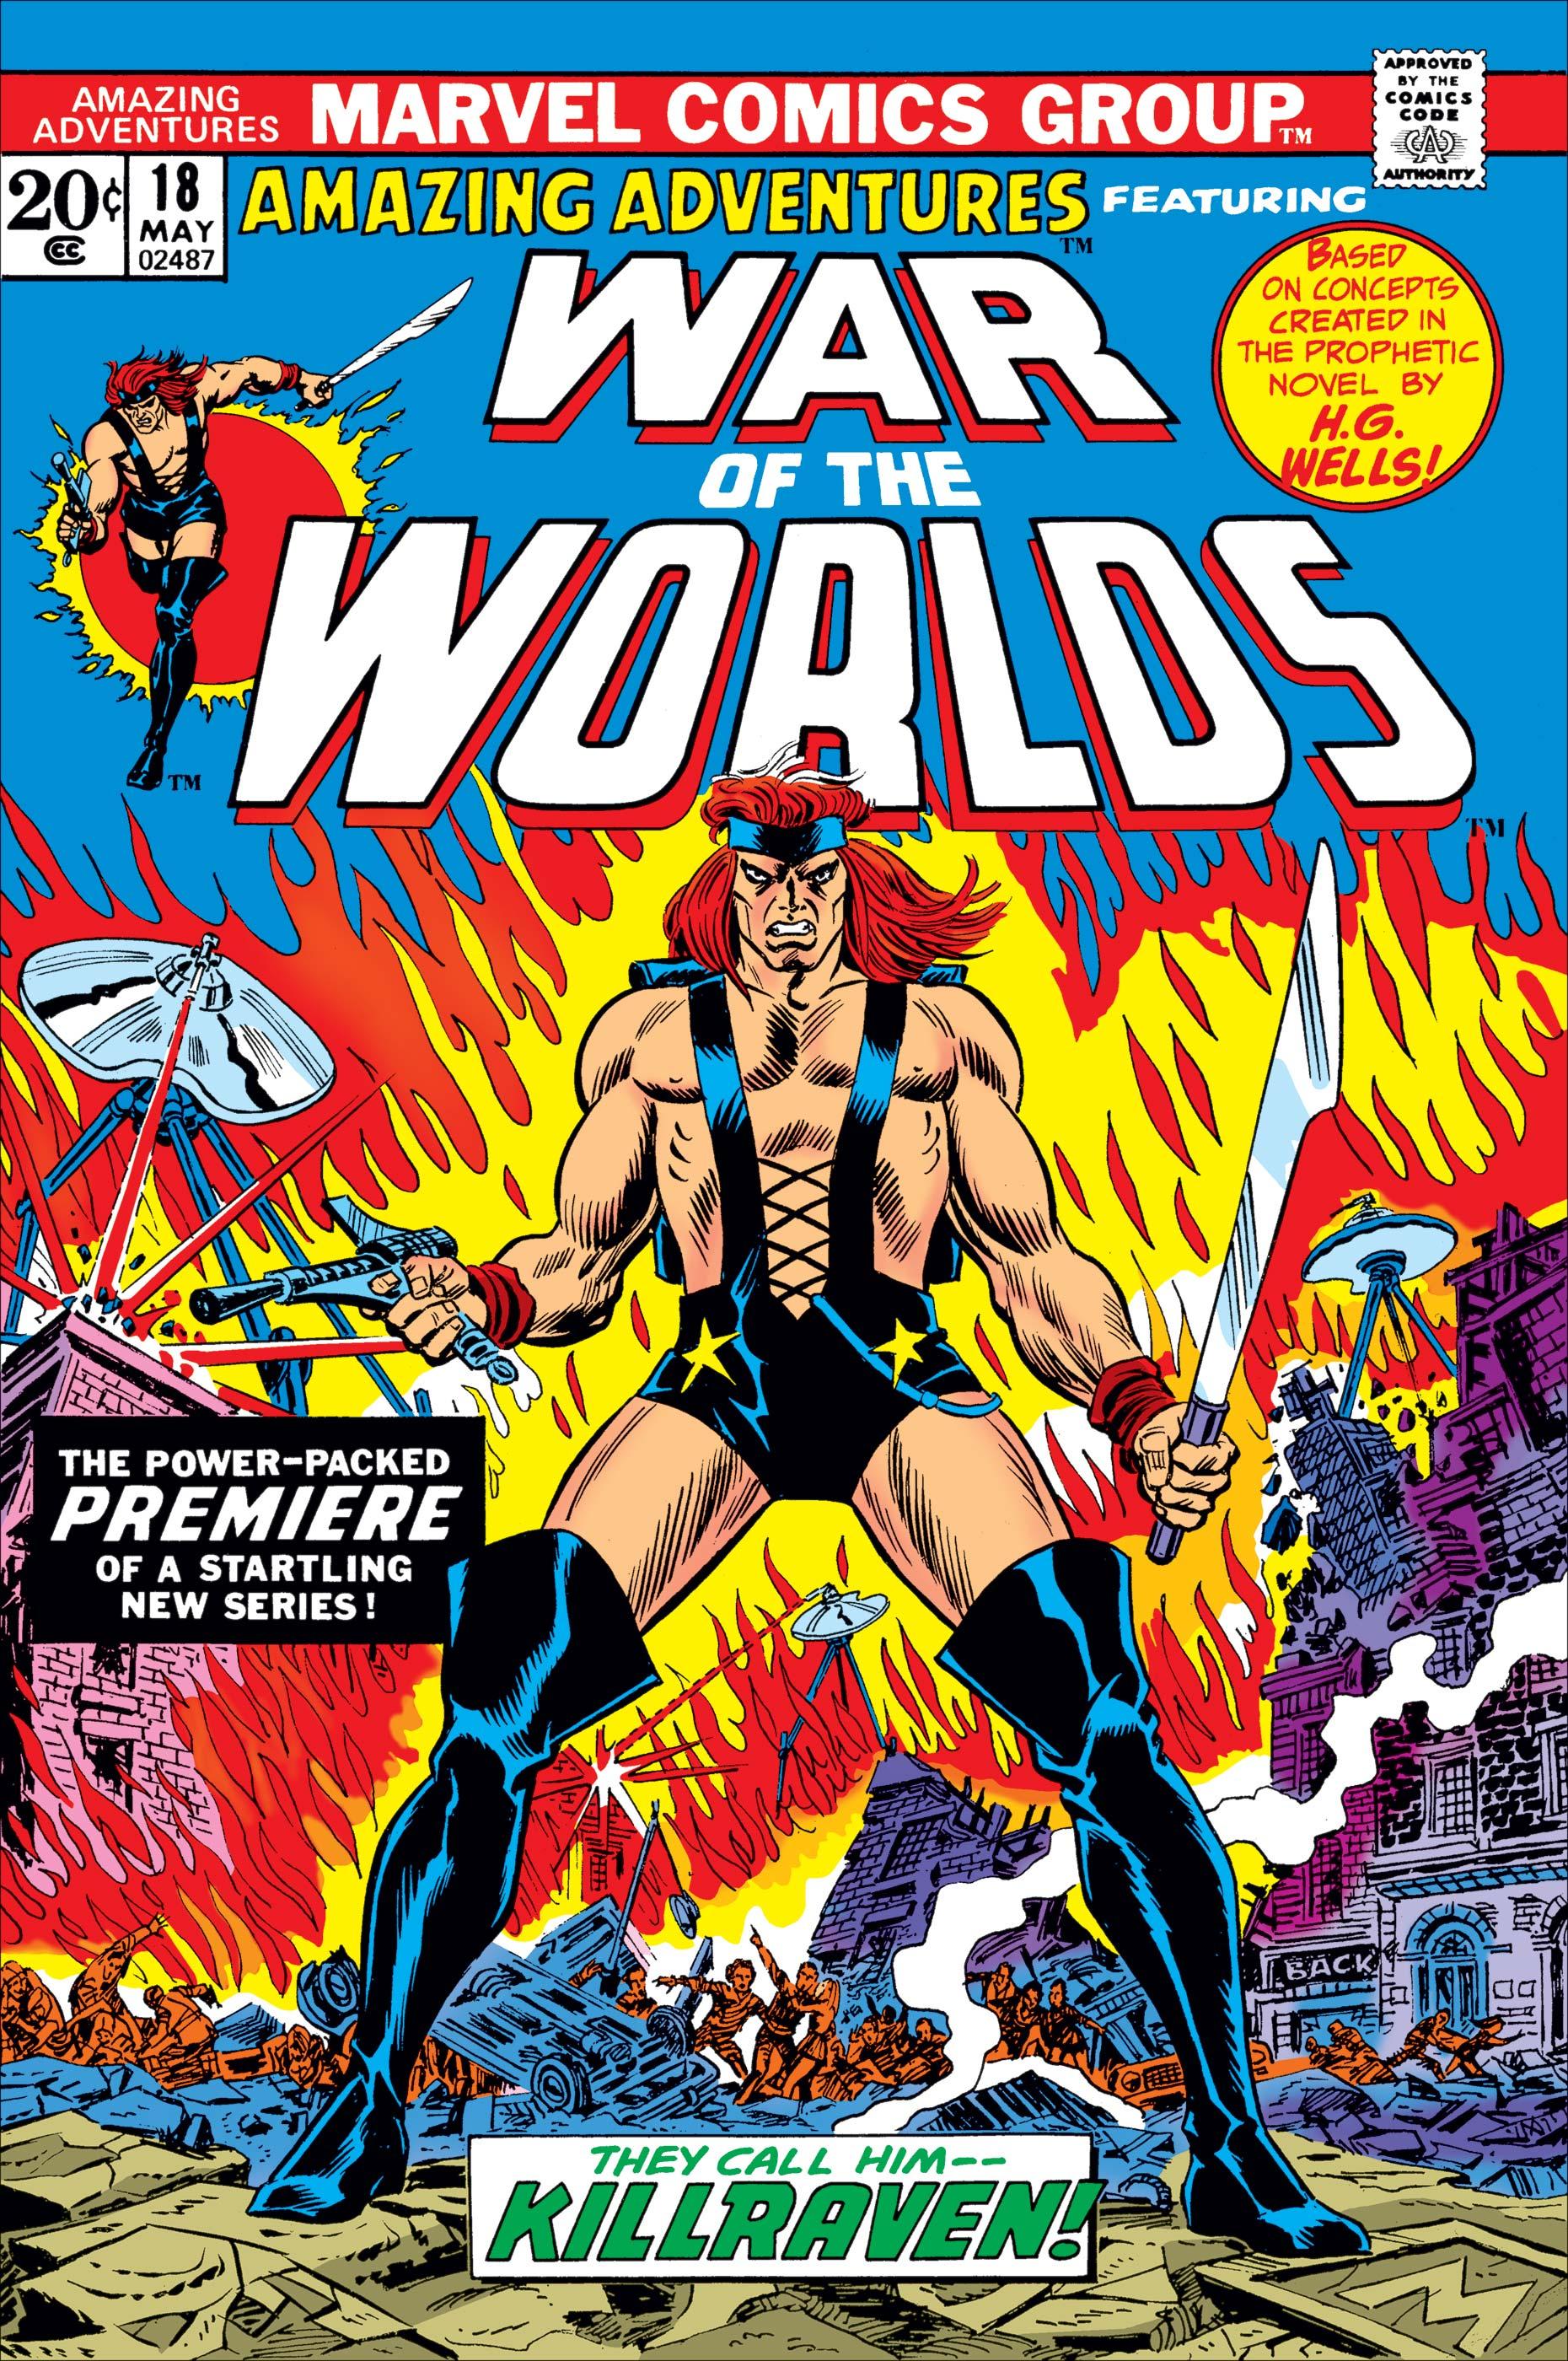 Amazing Adventures (1970) #18